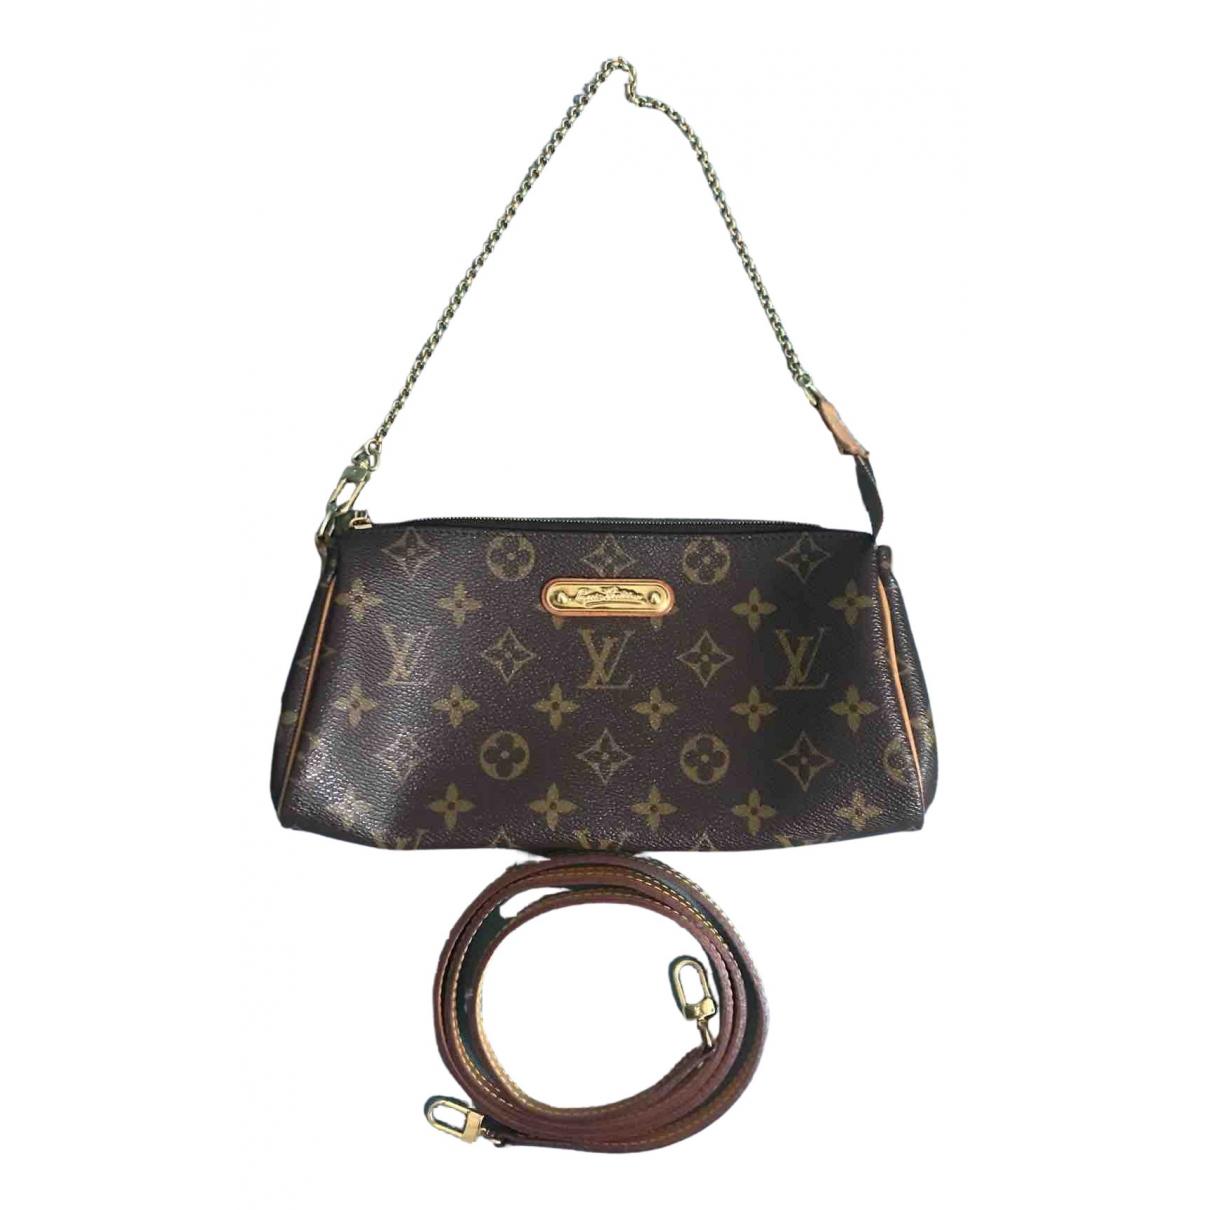 Louis Vuitton - Pochette Eva pour femme en toile - marron